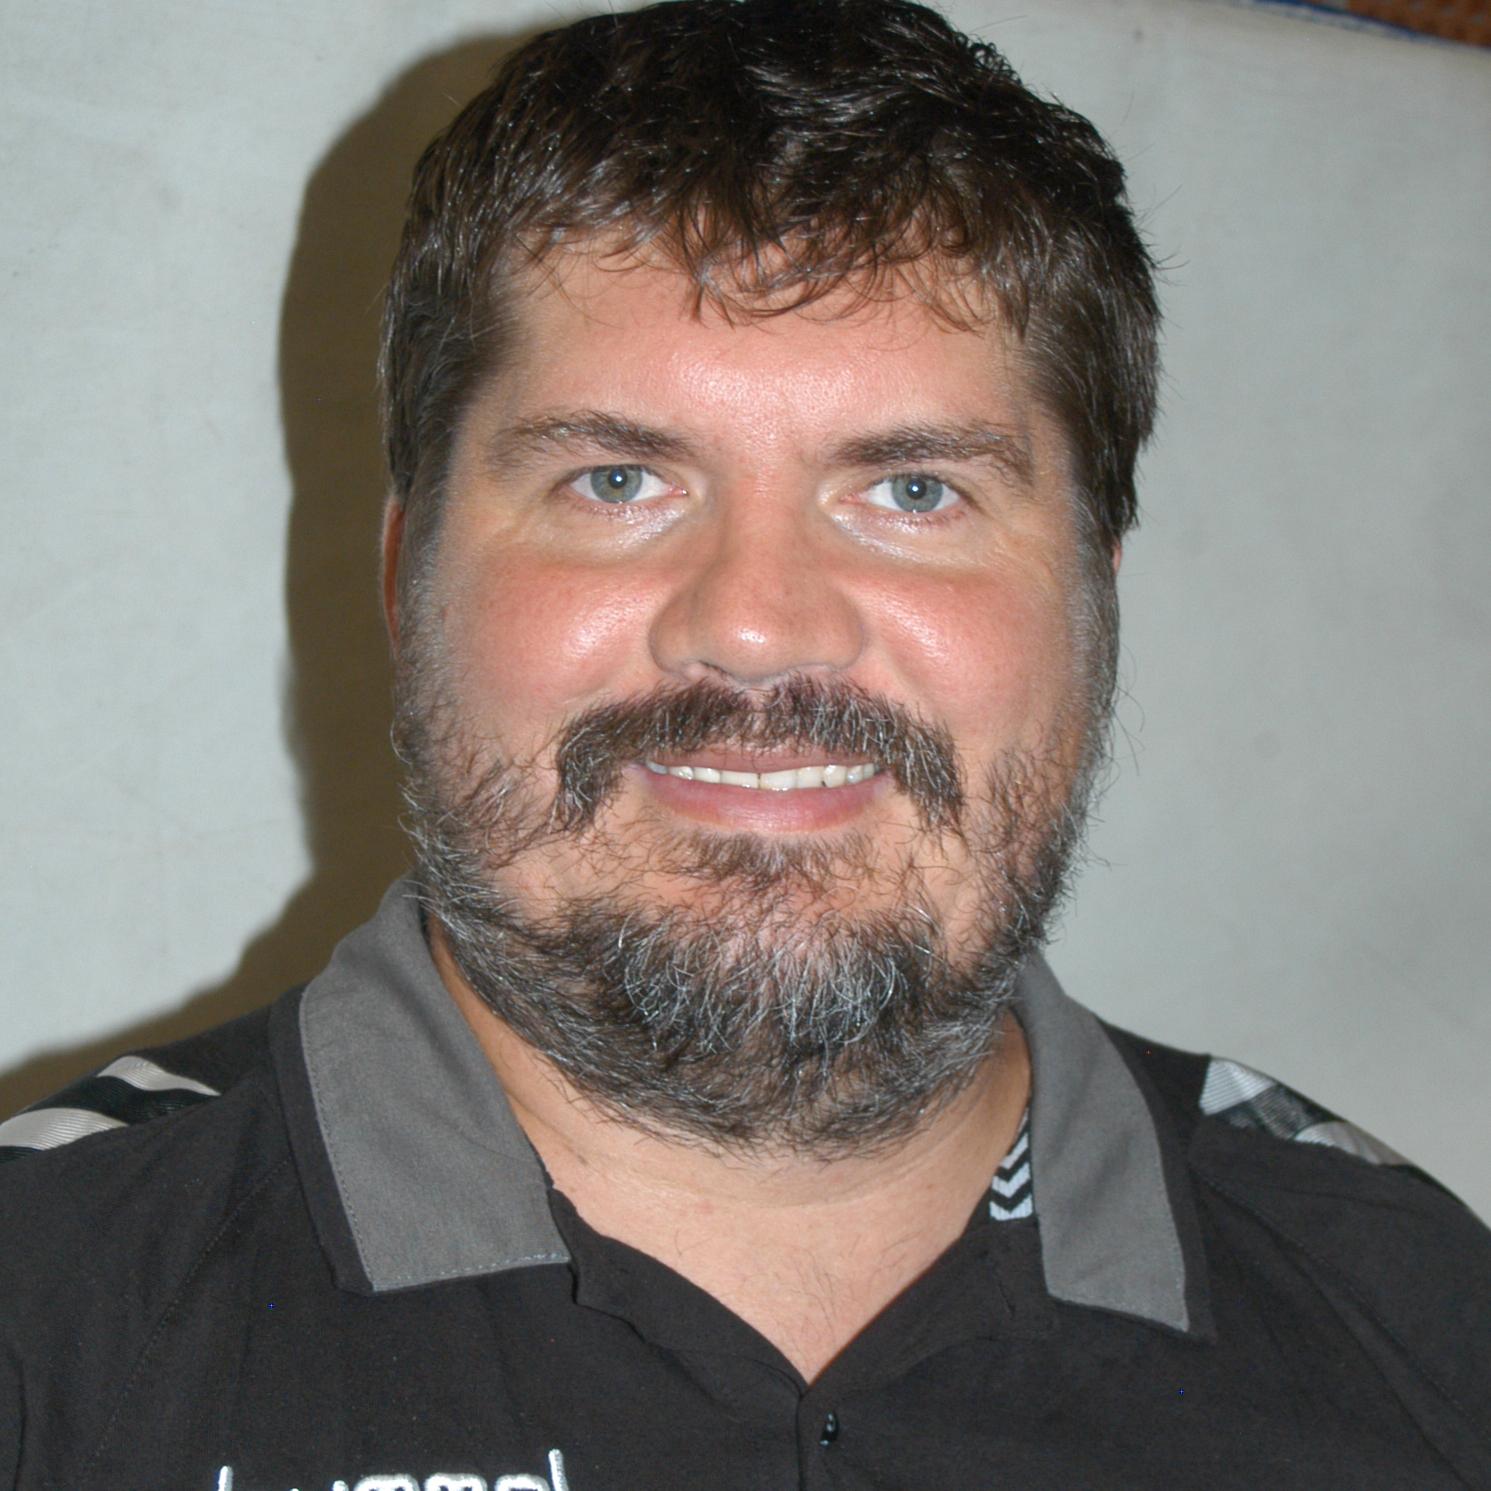 Markus Goblirsch